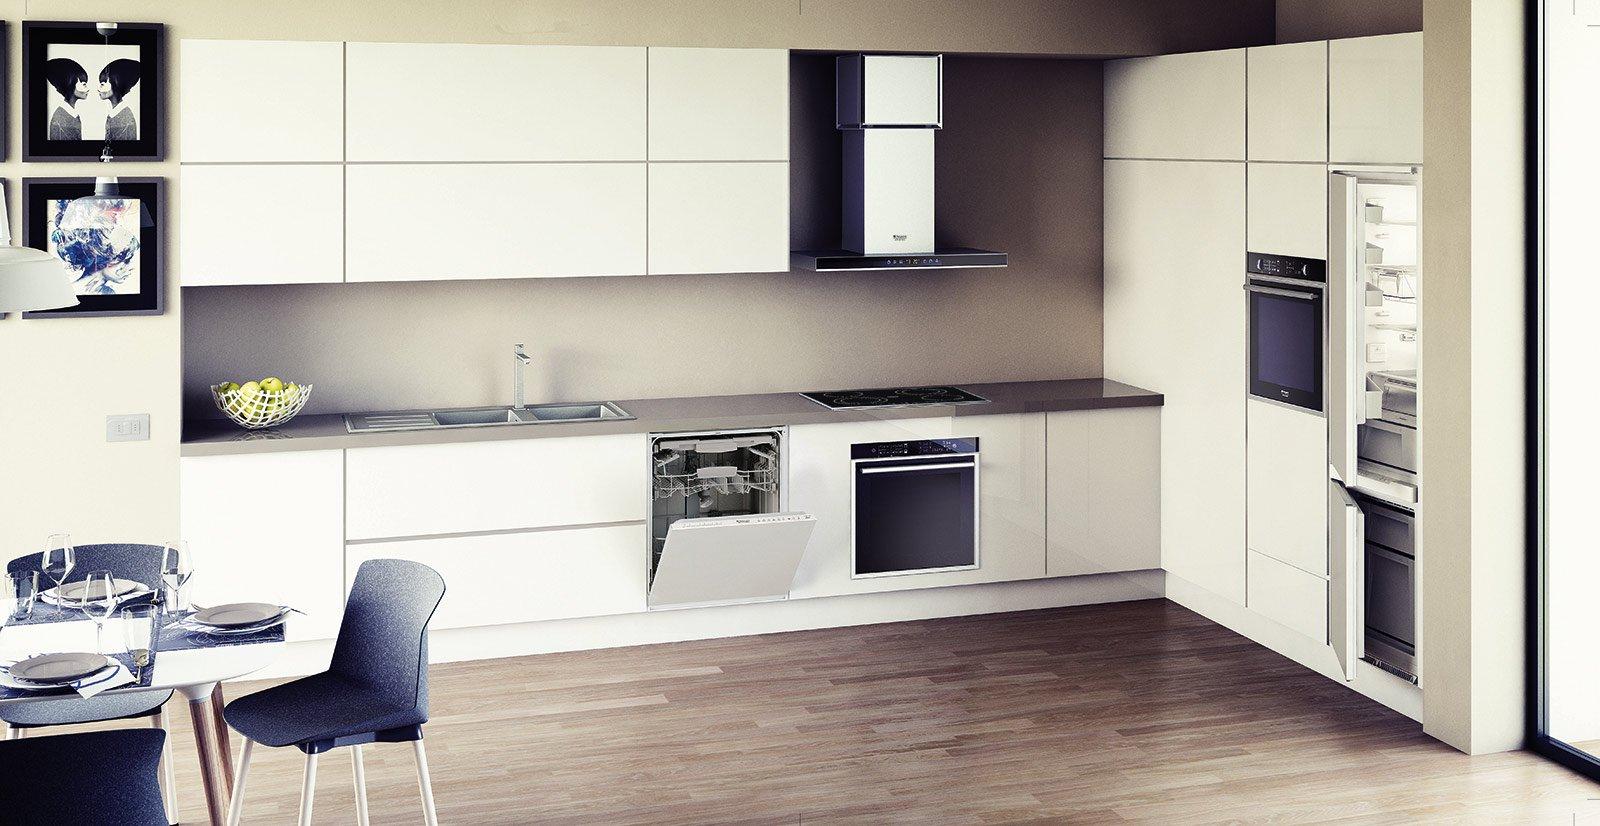 Piano cottura a induzione una nuova gamma attenta al - Cucine a induzione consumi ...